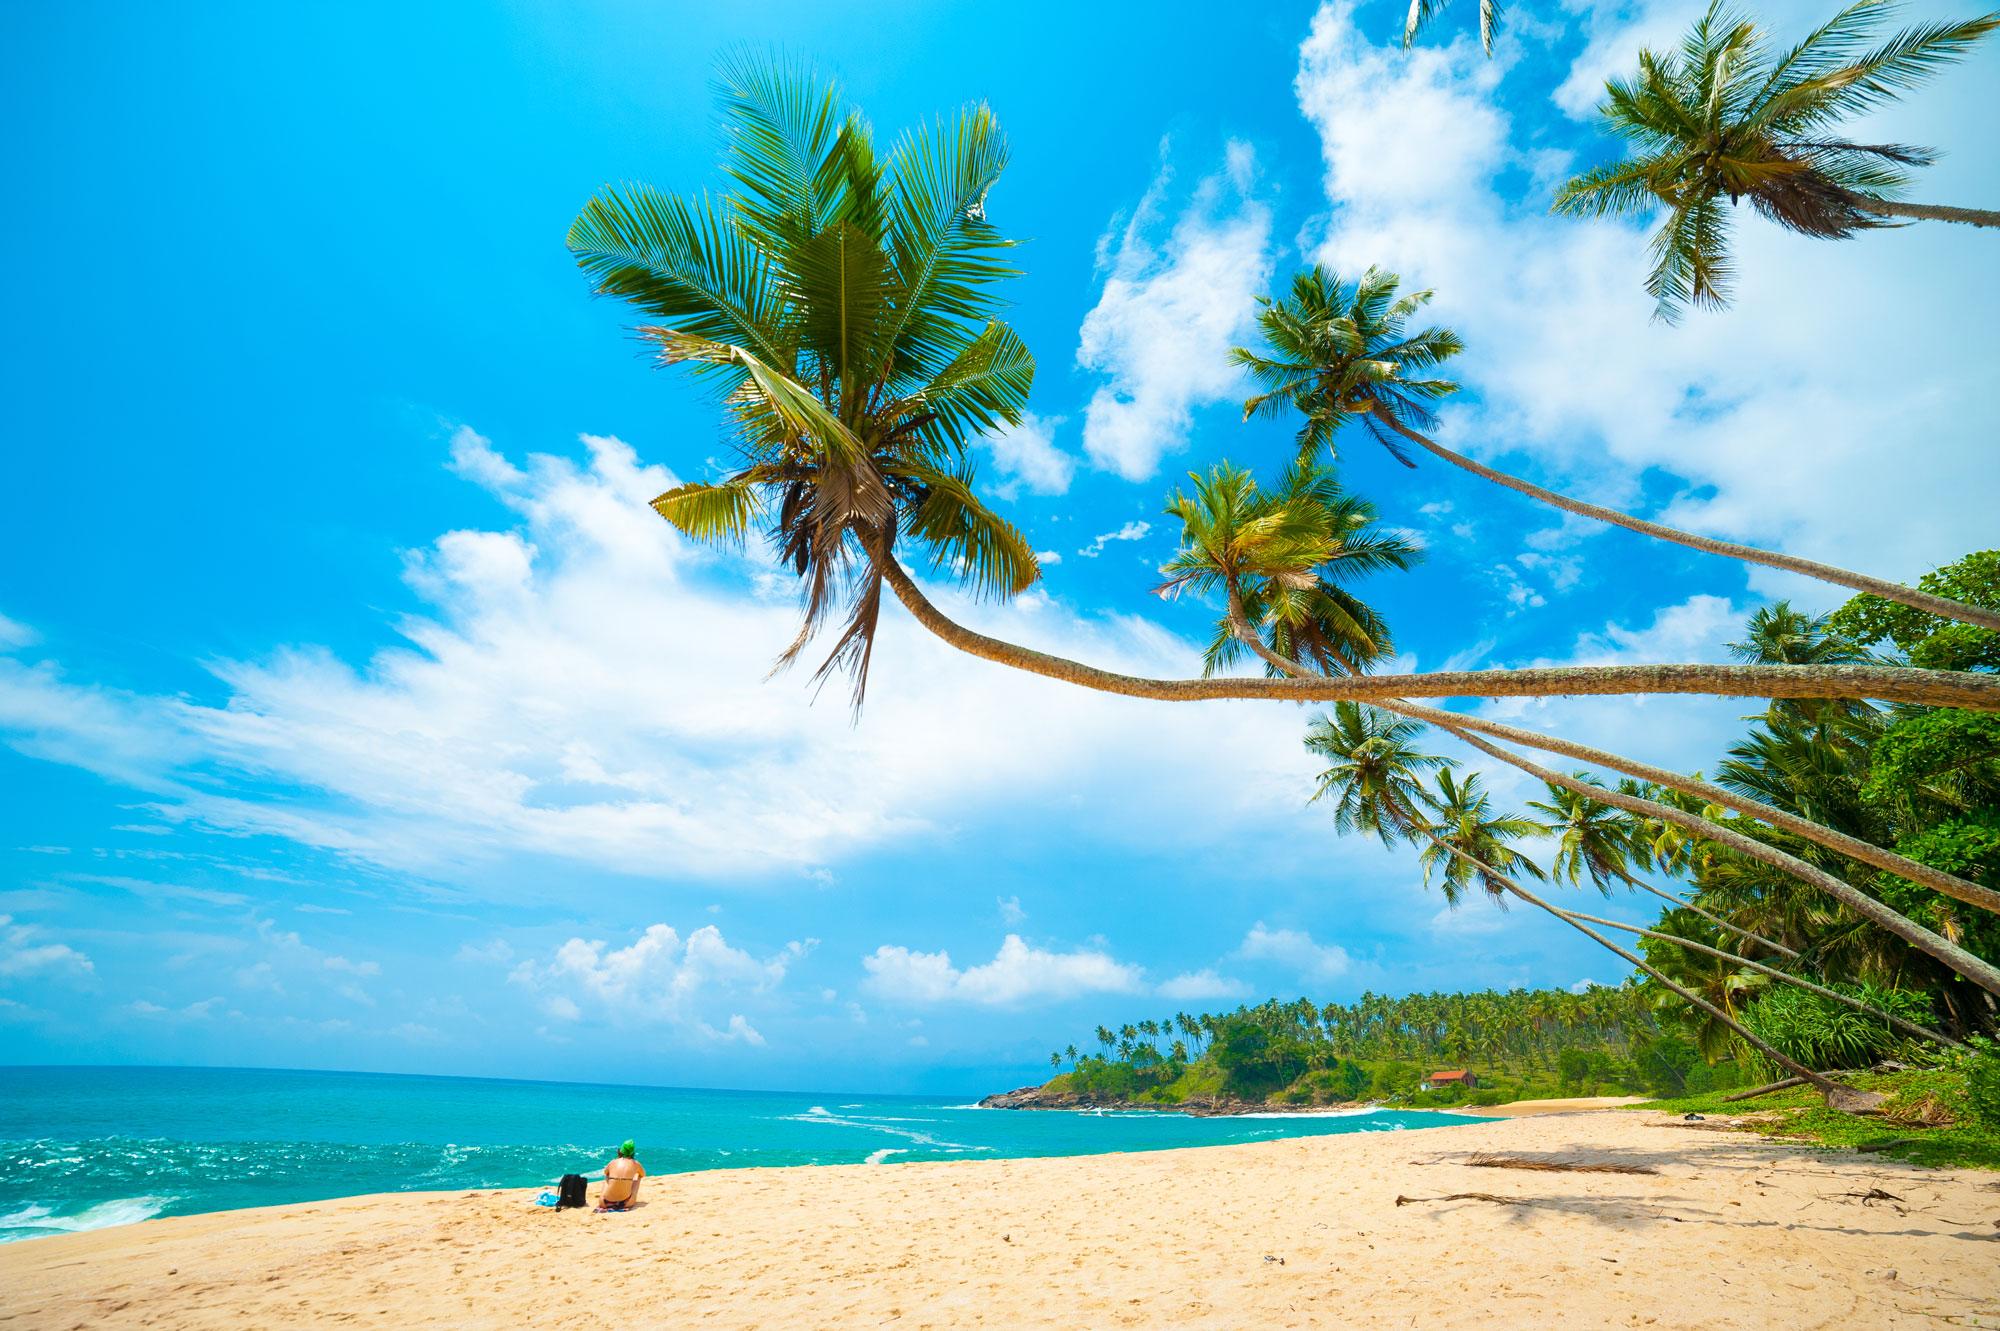 Het romantische en paradijselijke strand van Sri Lanka